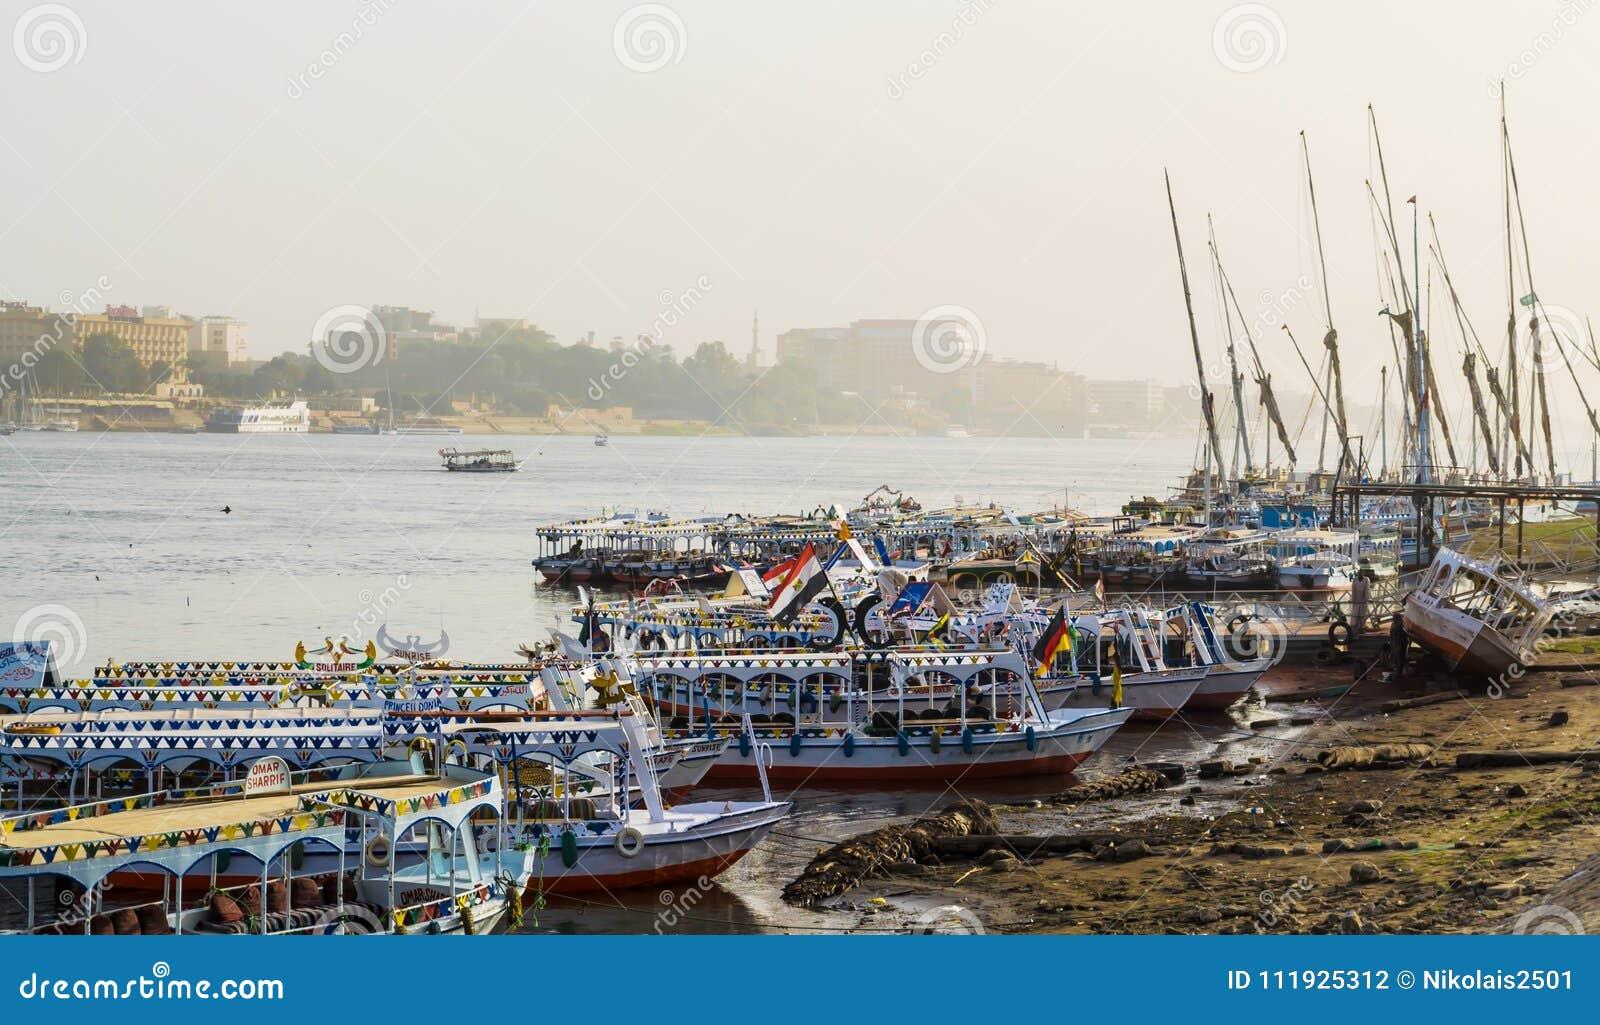 Bateaux de touristes au pilier sur la rive est du Nil, Egypte